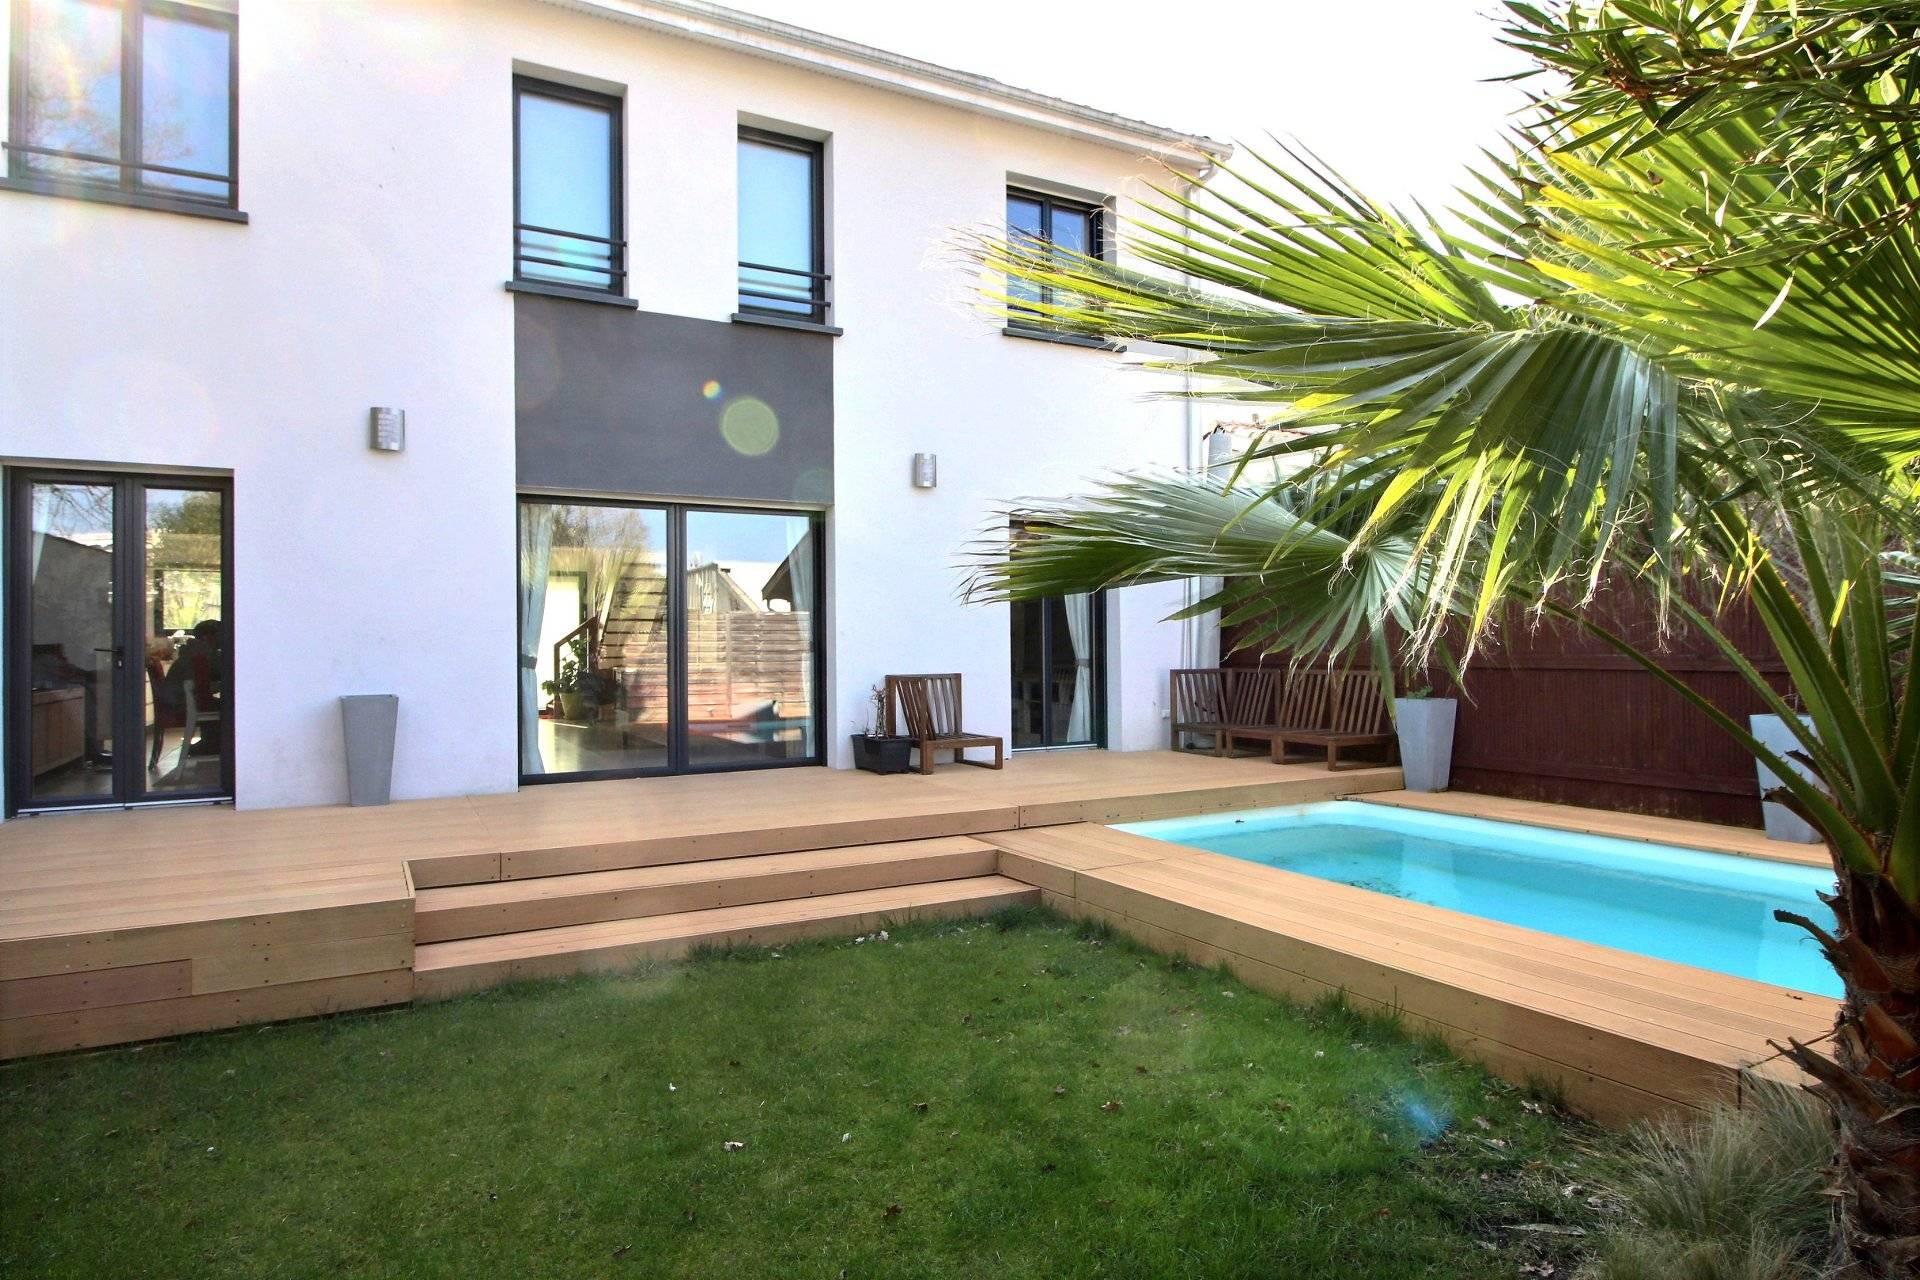 Maison contemporaine 4 chambres avec piscine a vendre proche Bordeaux Le Bouscat 33